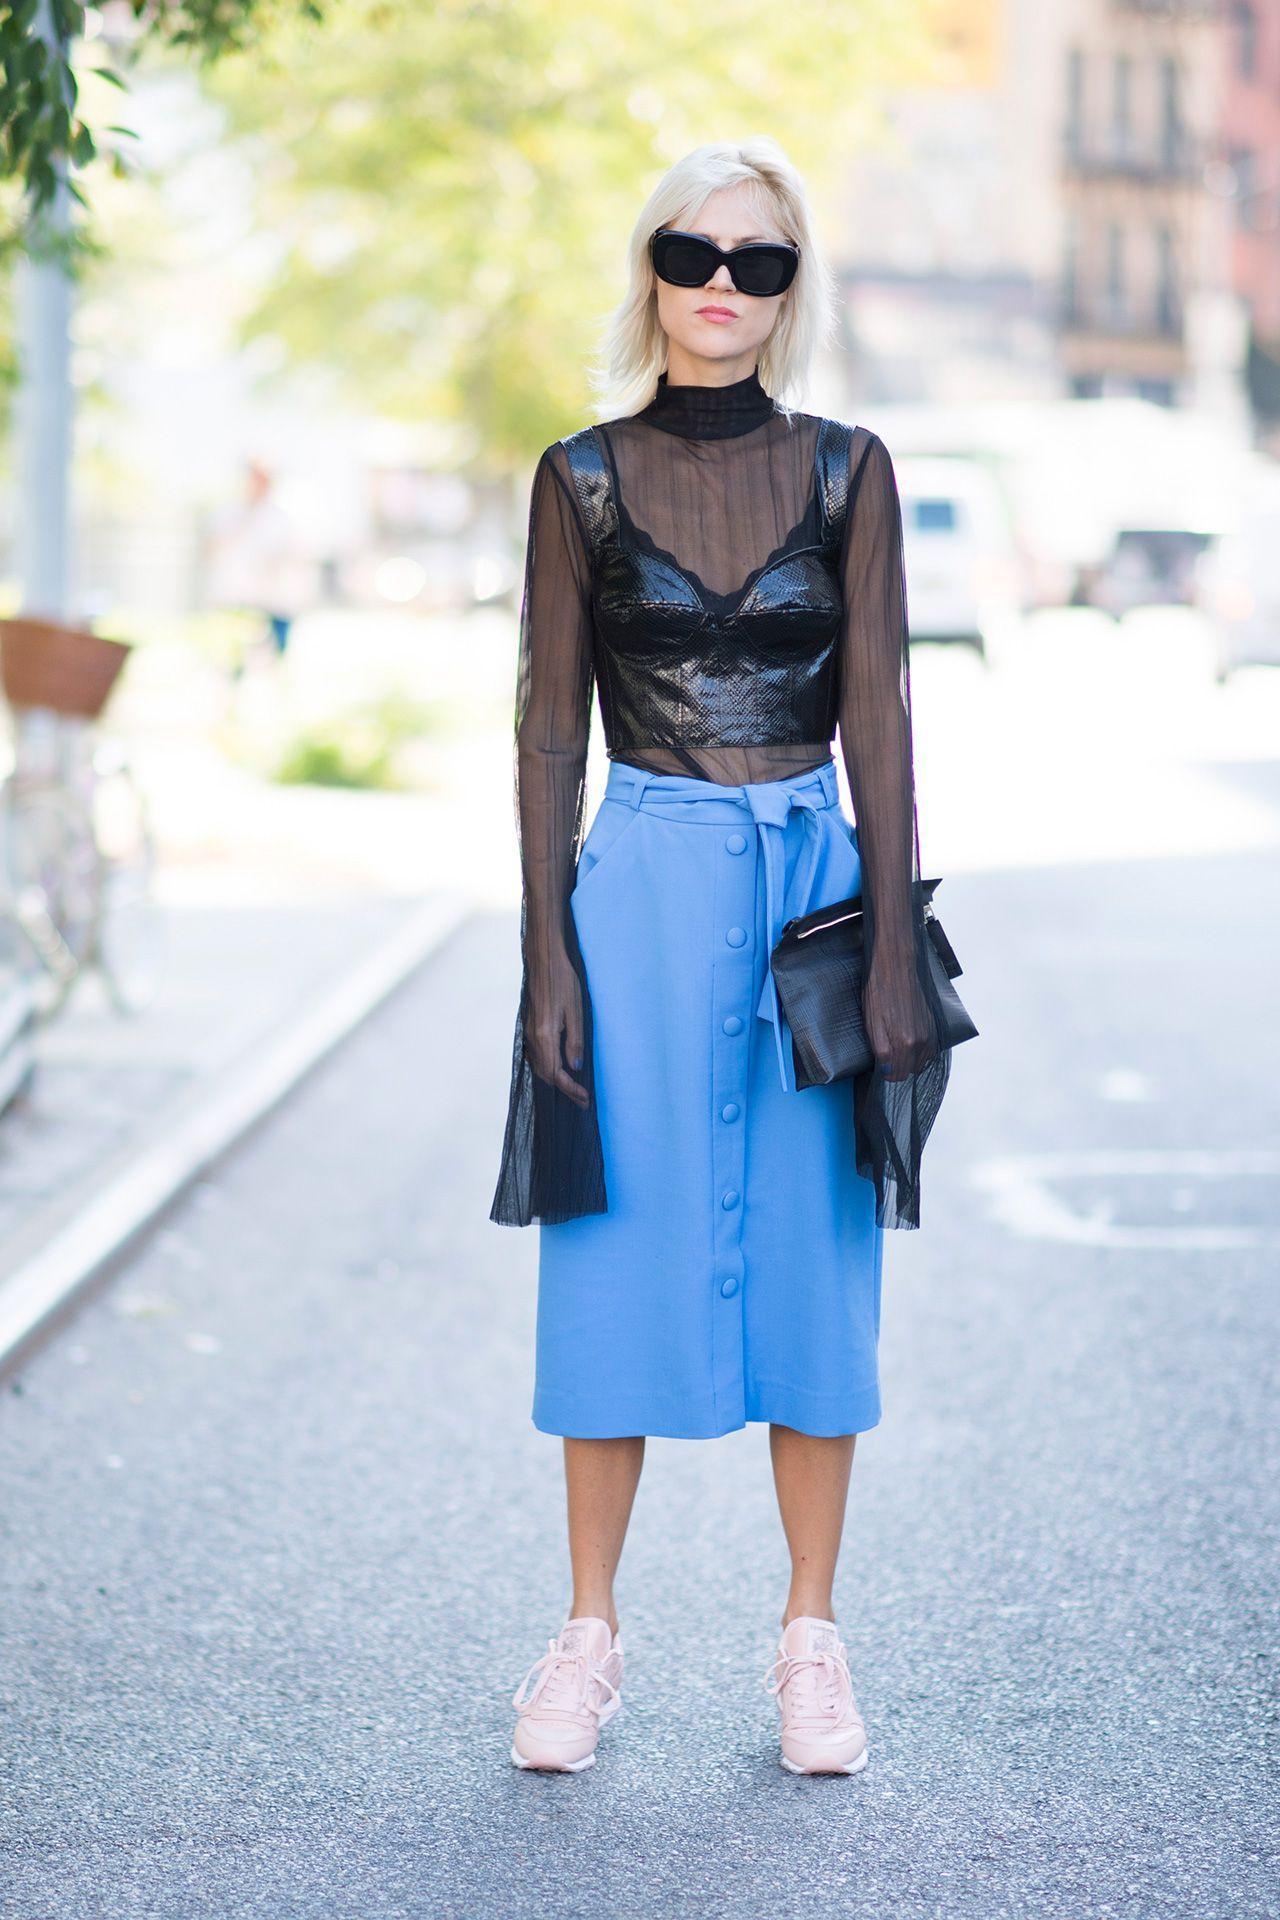 áo crop top da và áo xuyên thấy, chân váy midi